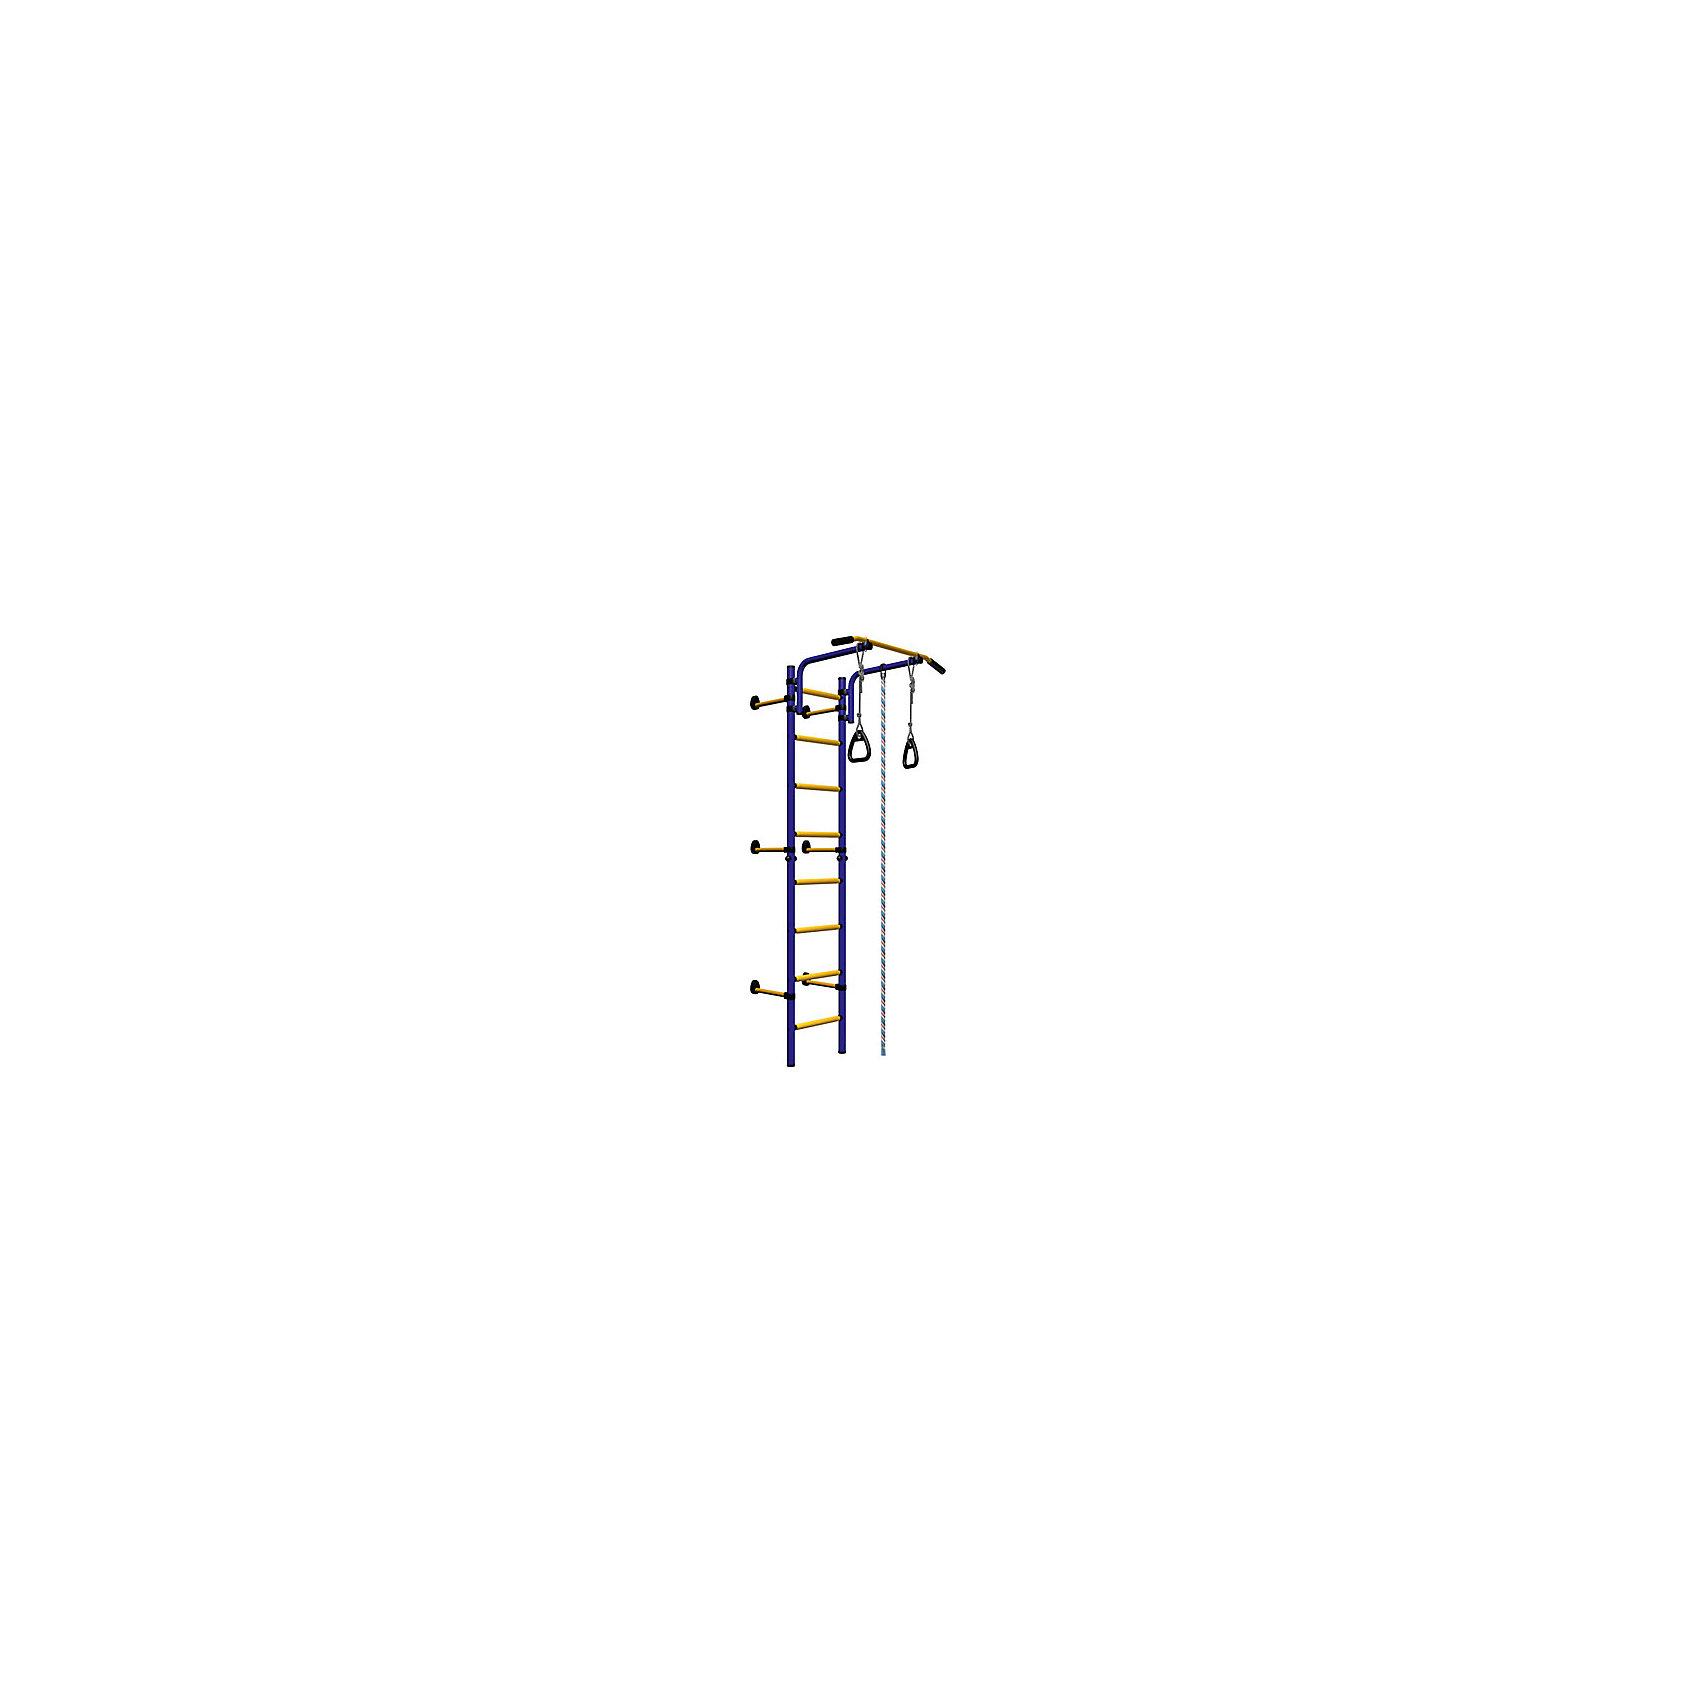 Комета NEXT-1 (410 мм), ROMANA, синий-желтыйШведская стенка с креплением в распор – классический вариант домашних спортивных занятий. На шведской стенке можно выполнять огромное количество всевозможных упражнений на все группы мышц. Ширина стенки – 490 мм. Регулируемый по высоте турник. Крепление не требует сверления стены. В комплекте есть подвижный турник, кольца, канат и спортивная трапеция.  Комплекс легко очищается от загрязнений и не теряет презентабельного внешнего вида от частых занятий. Материалы, использованные при изготовлении изделия, абсолютно безопасны для детей и отвечают всем международным требованиям по качеству. <br><br>Дополнительная информация: <br><br>высота: 2,27 м;<br>цвет: синий – желтый;<br>вес допустимый: 100 кг;<br>габариты: 86 х 82 см;<br>материал: металл.<br><br>Шведскую стенку «Комета NEXT-1 (410 мм)» от компании ROMANA можно приобрести в нашем магазине.<br><br>Ширина мм: 1160<br>Глубина мм: 535<br>Высота мм: 140<br>Вес г: 22000<br>Возраст от месяцев: 36<br>Возраст до месяцев: 192<br>Пол: Унисекс<br>Возраст: Детский<br>SKU: 4993372